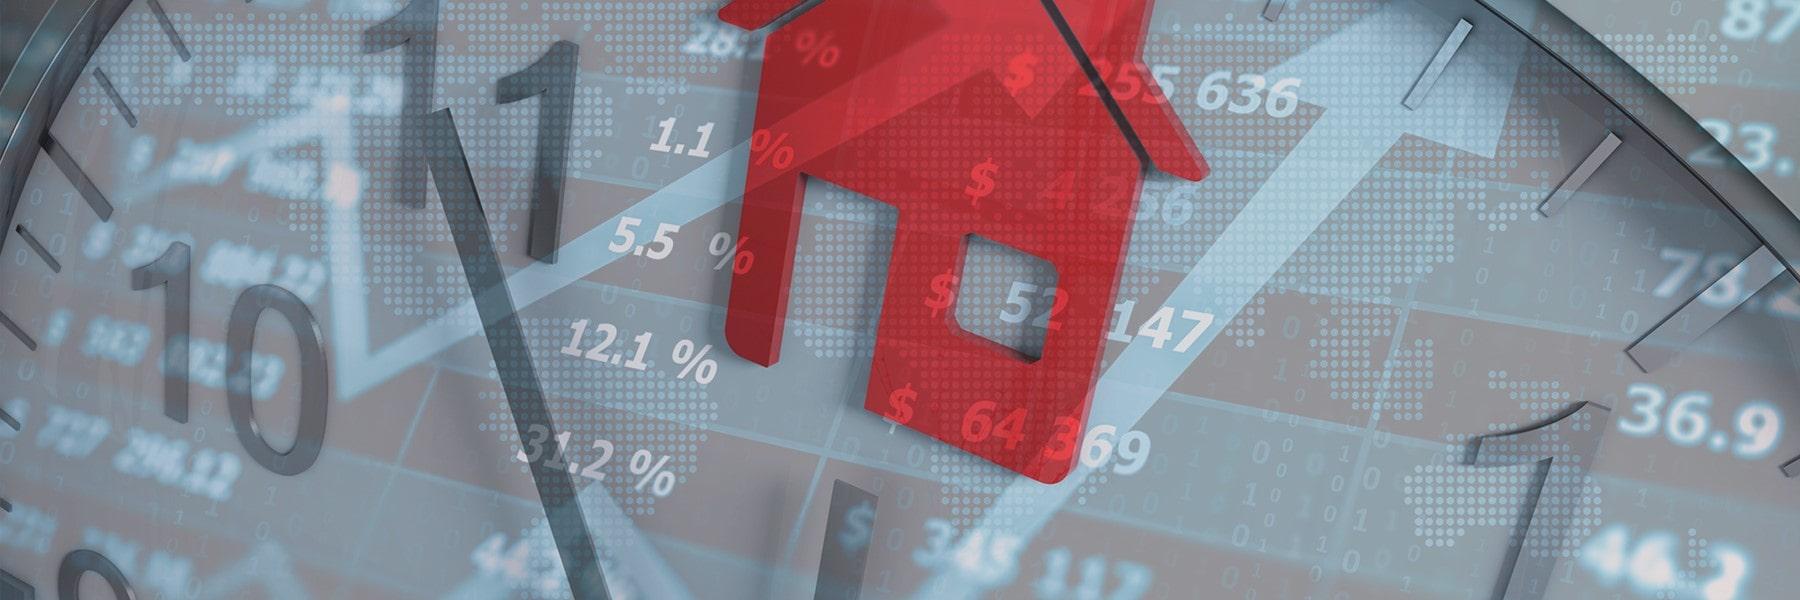 hypotheekrente-nieuws-hypotheekstore